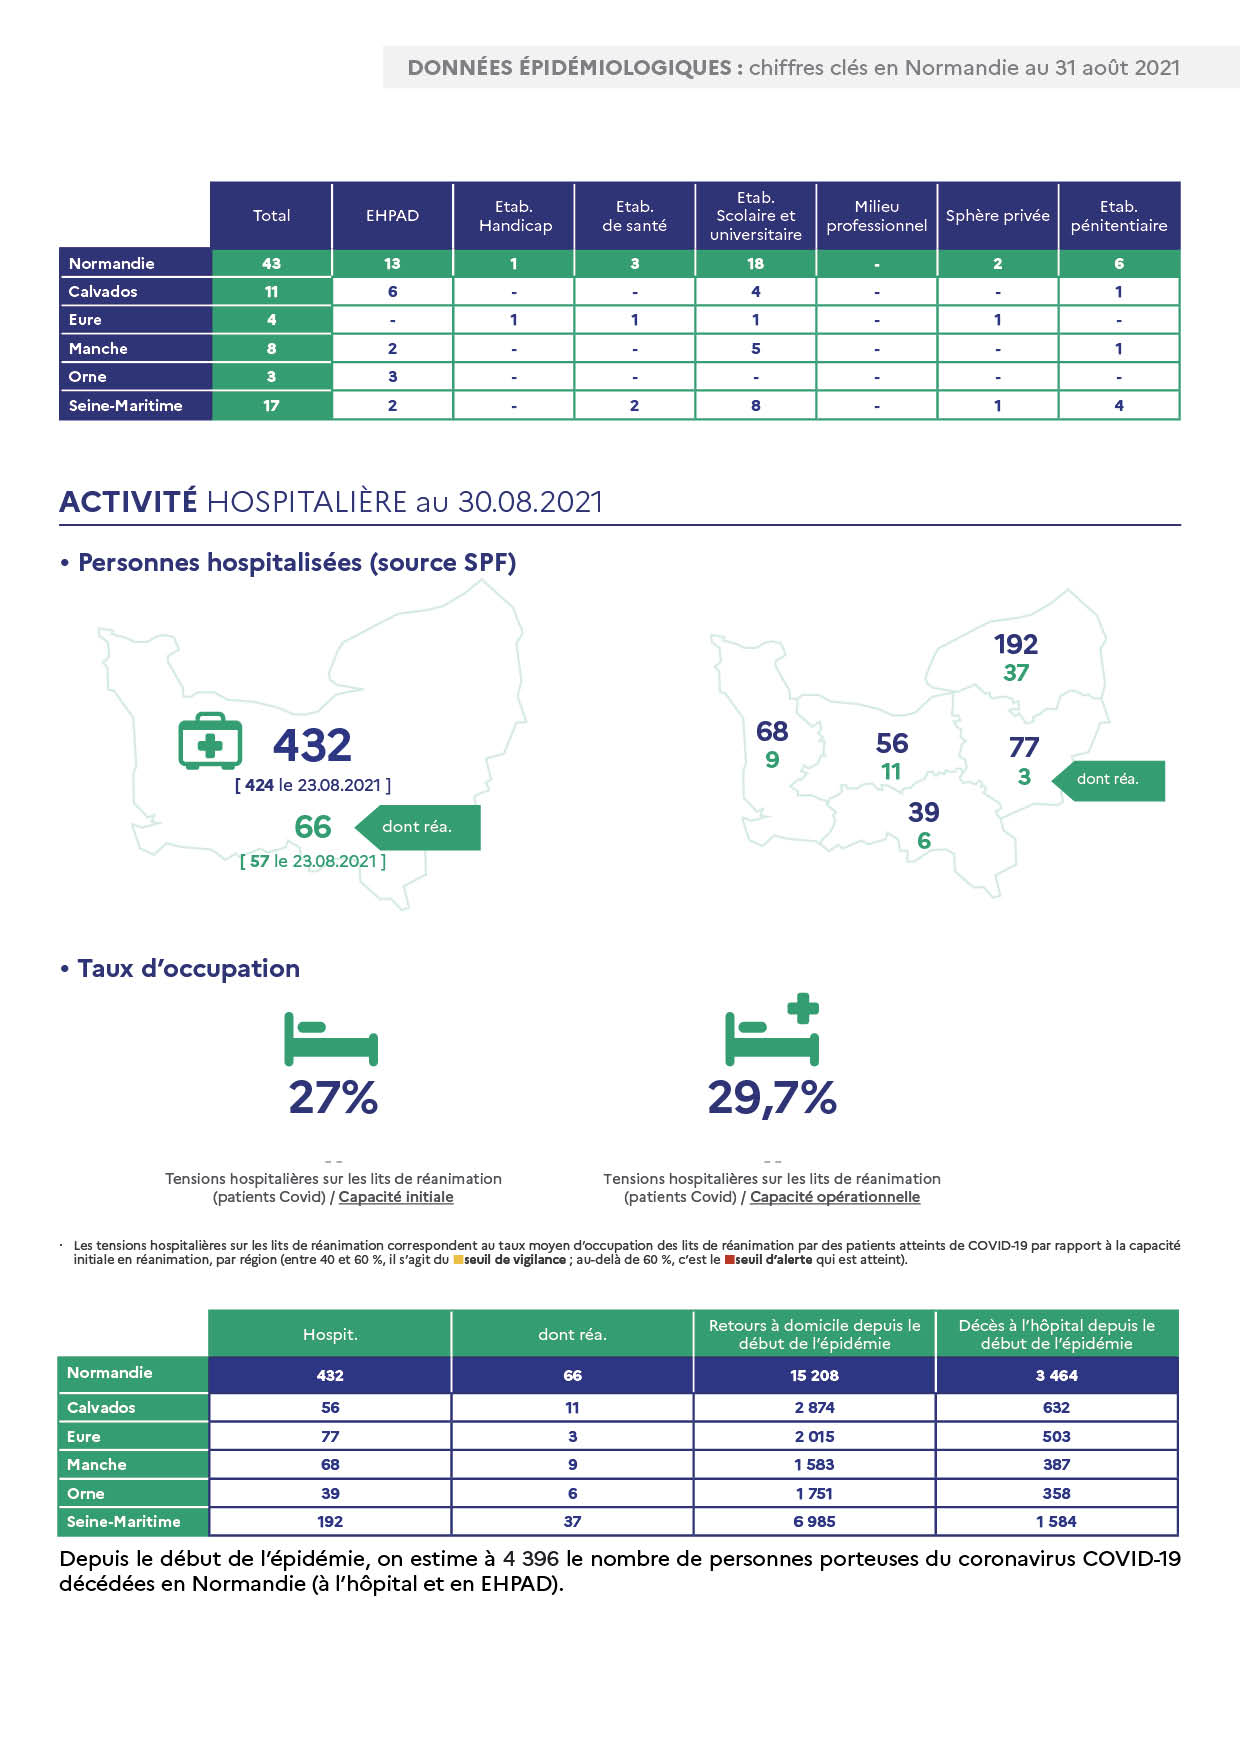 Données épidémiologiques : Chiffres clés en Normandie au 31 août 2021 page 2